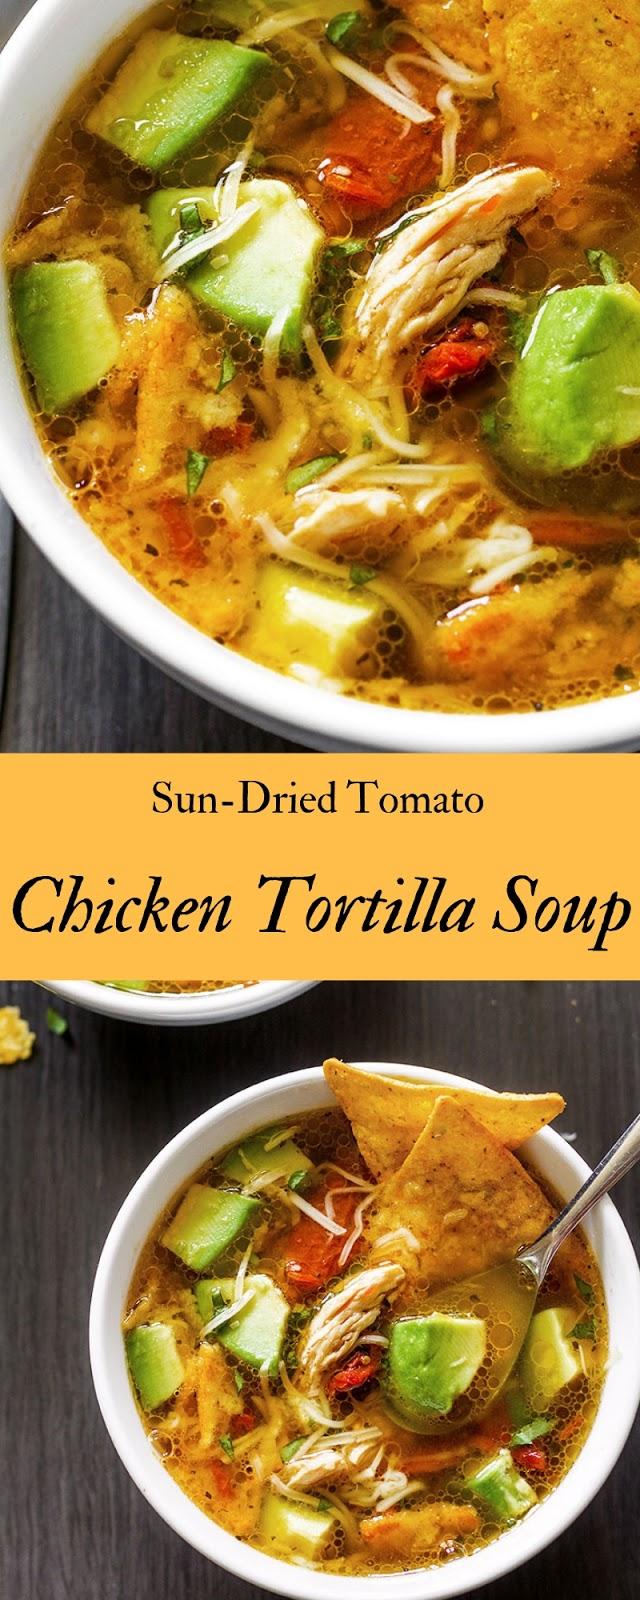 Sun-Dried Tomato Chicken Tortilla Soup